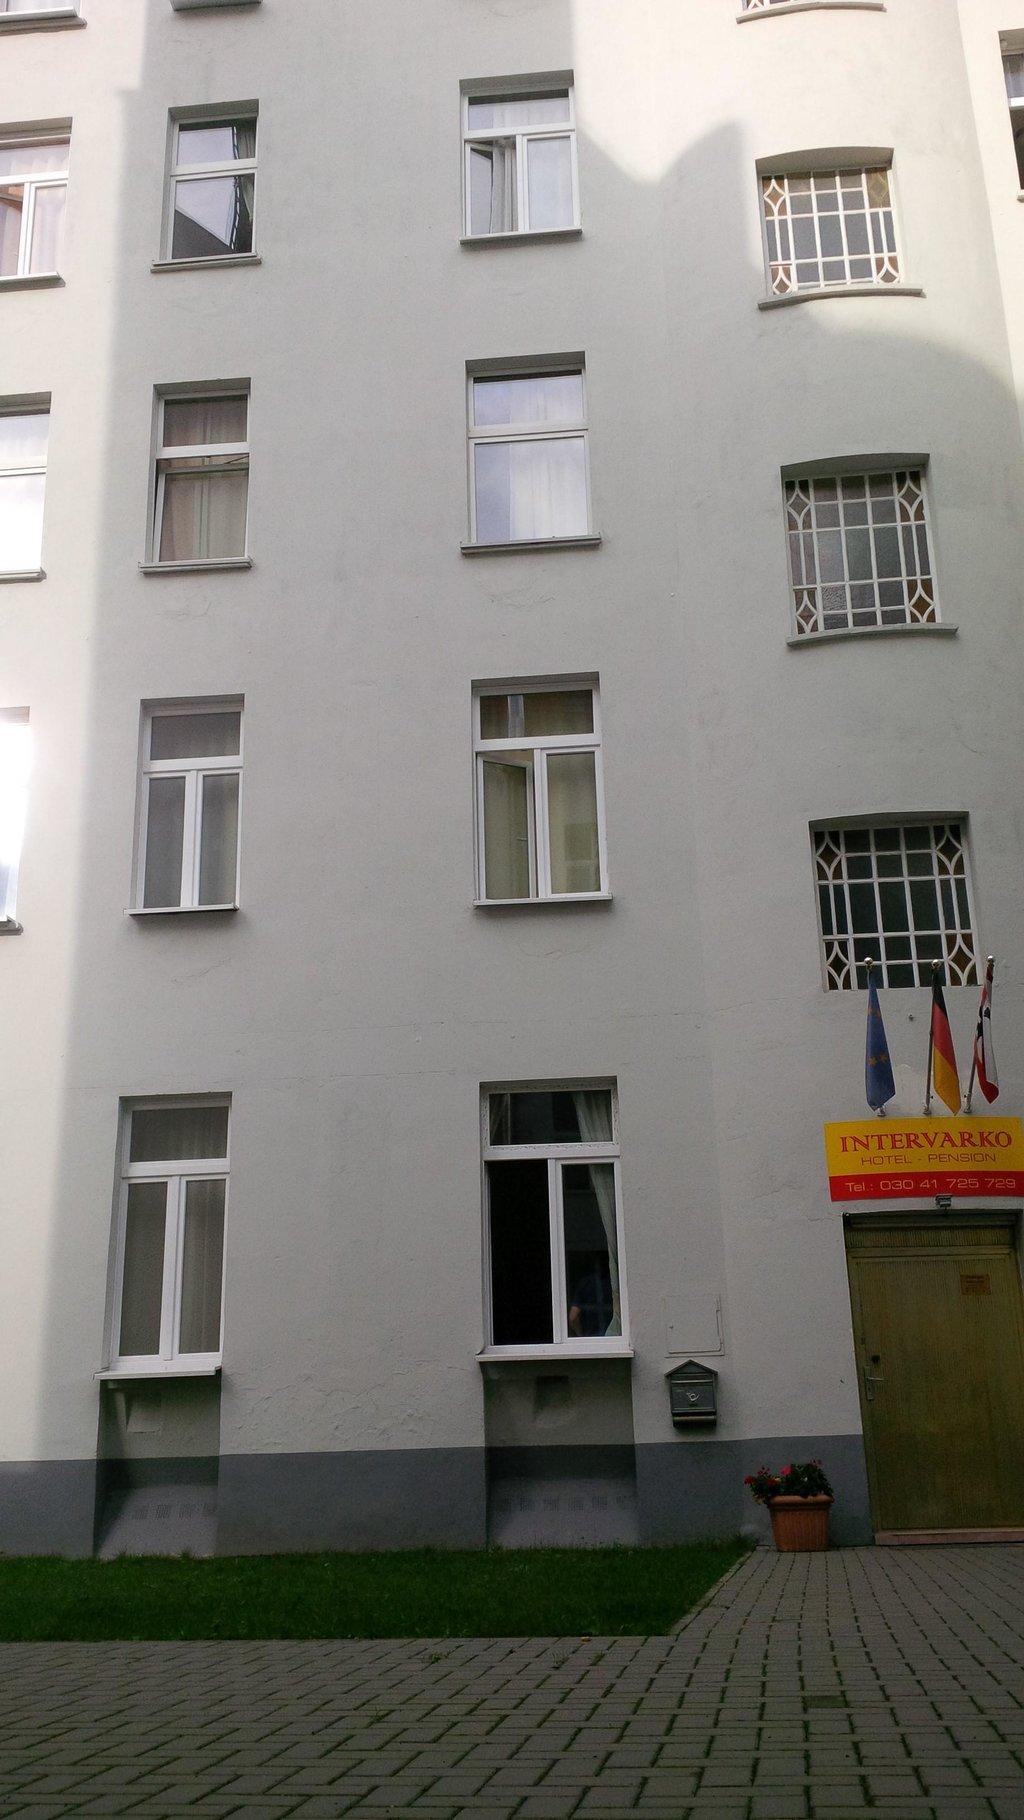 Hotel Pension Intervarko